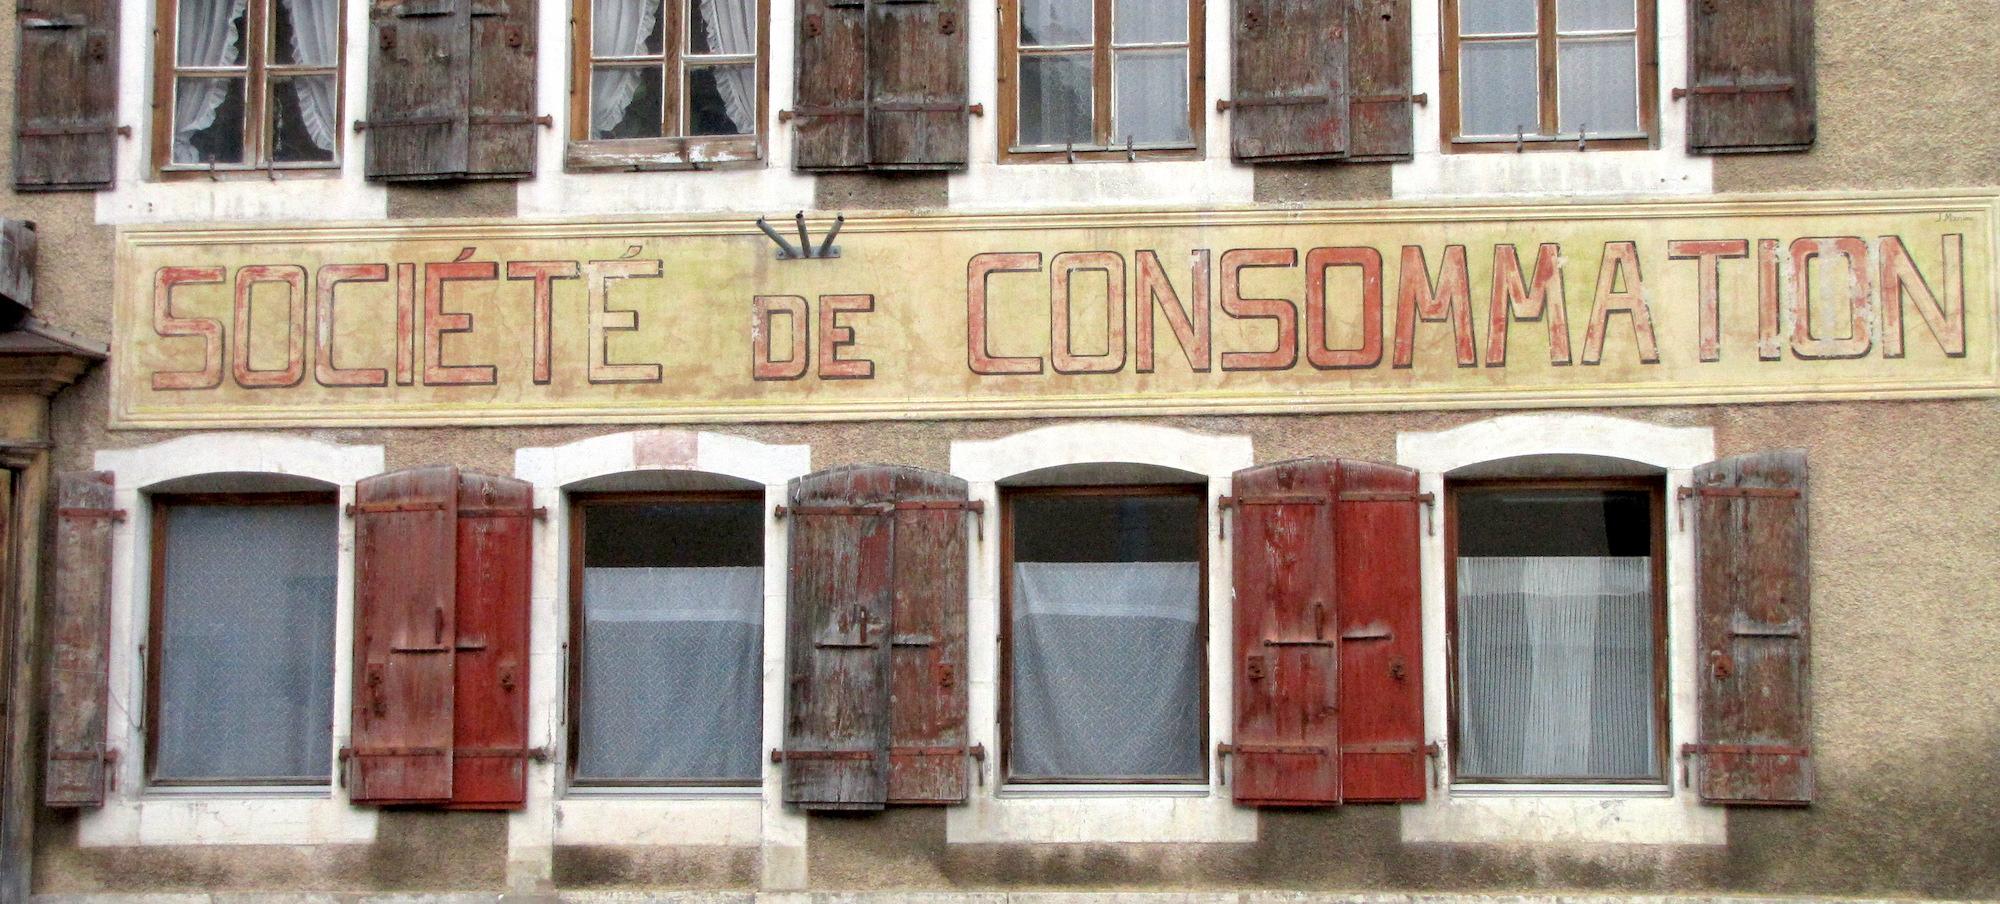 societe de consommation